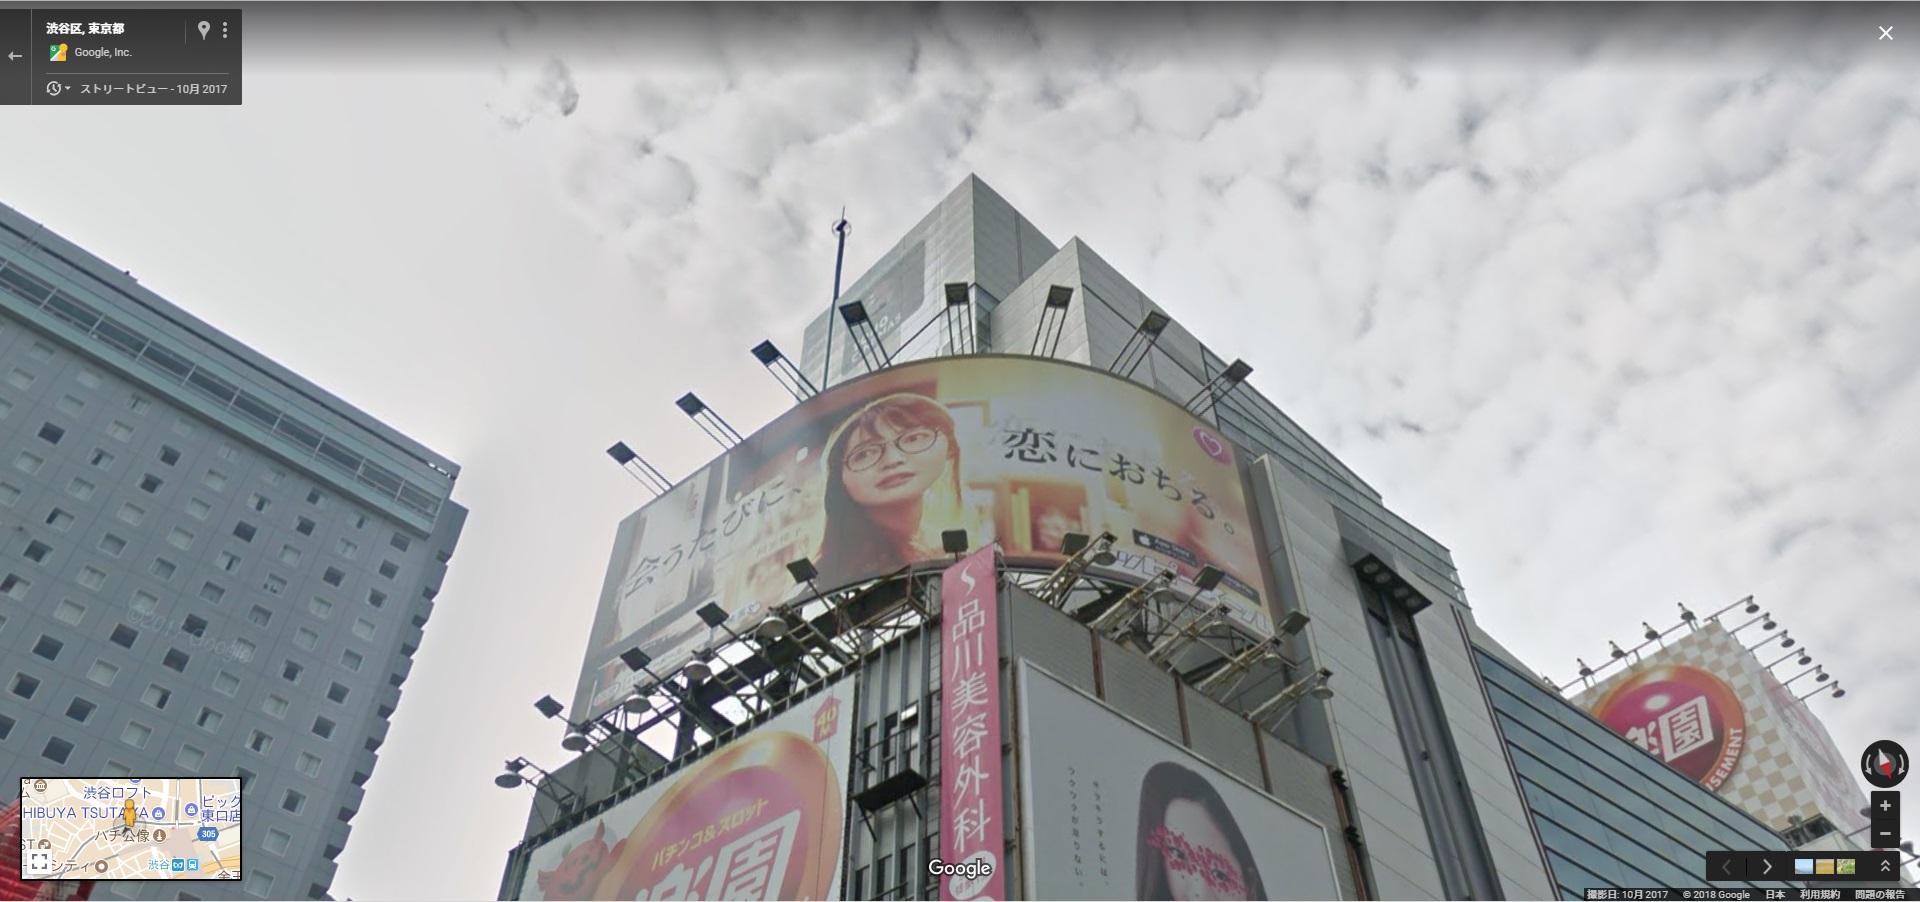 東京渋谷のハッピーメールの広告看板